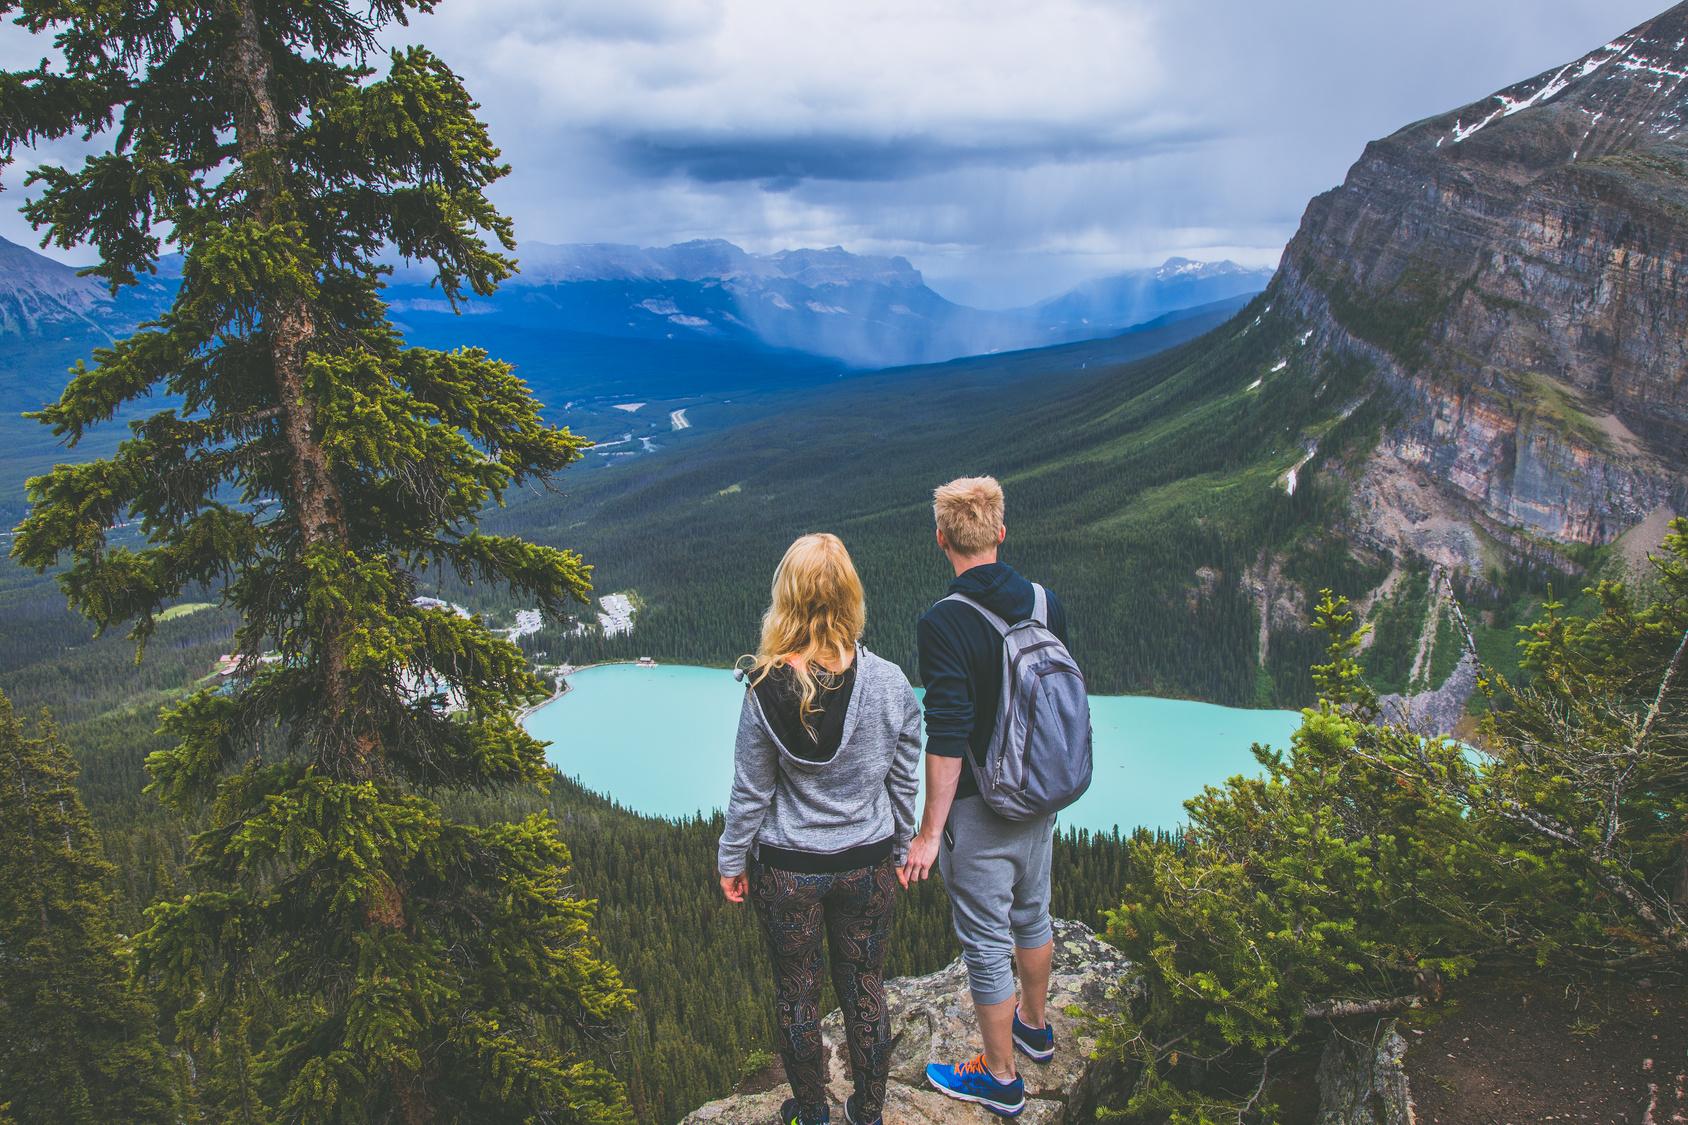 街コンレポート_男性と女性が山の上から景色を見ています